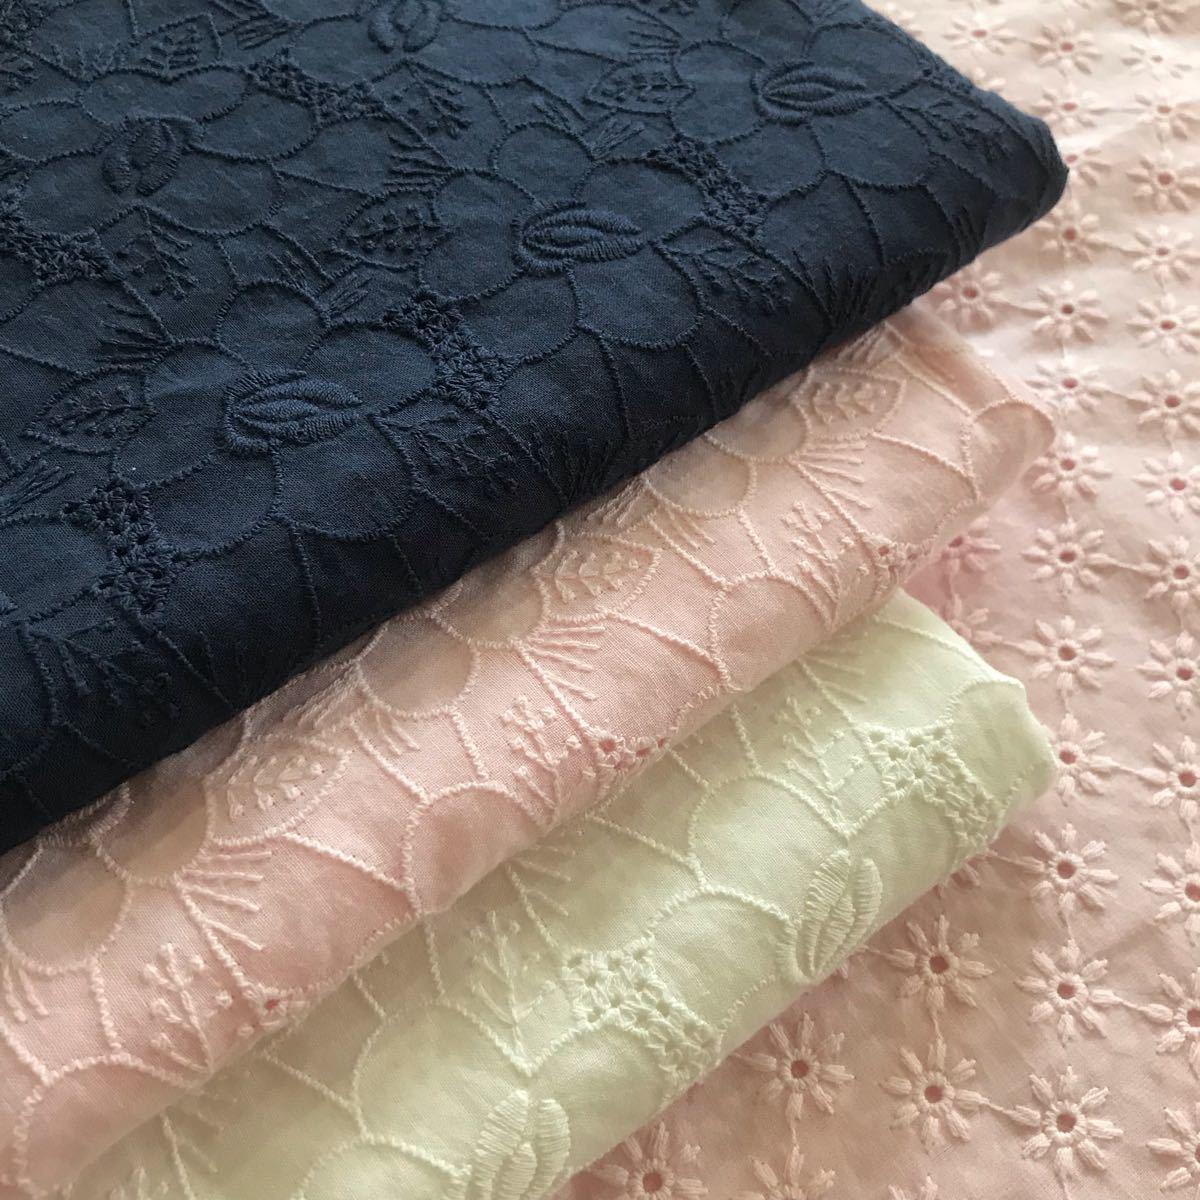 コットンレース 綿 刺繍生地 はぎれ 花柄 ハンドメイド 布 ハギレ